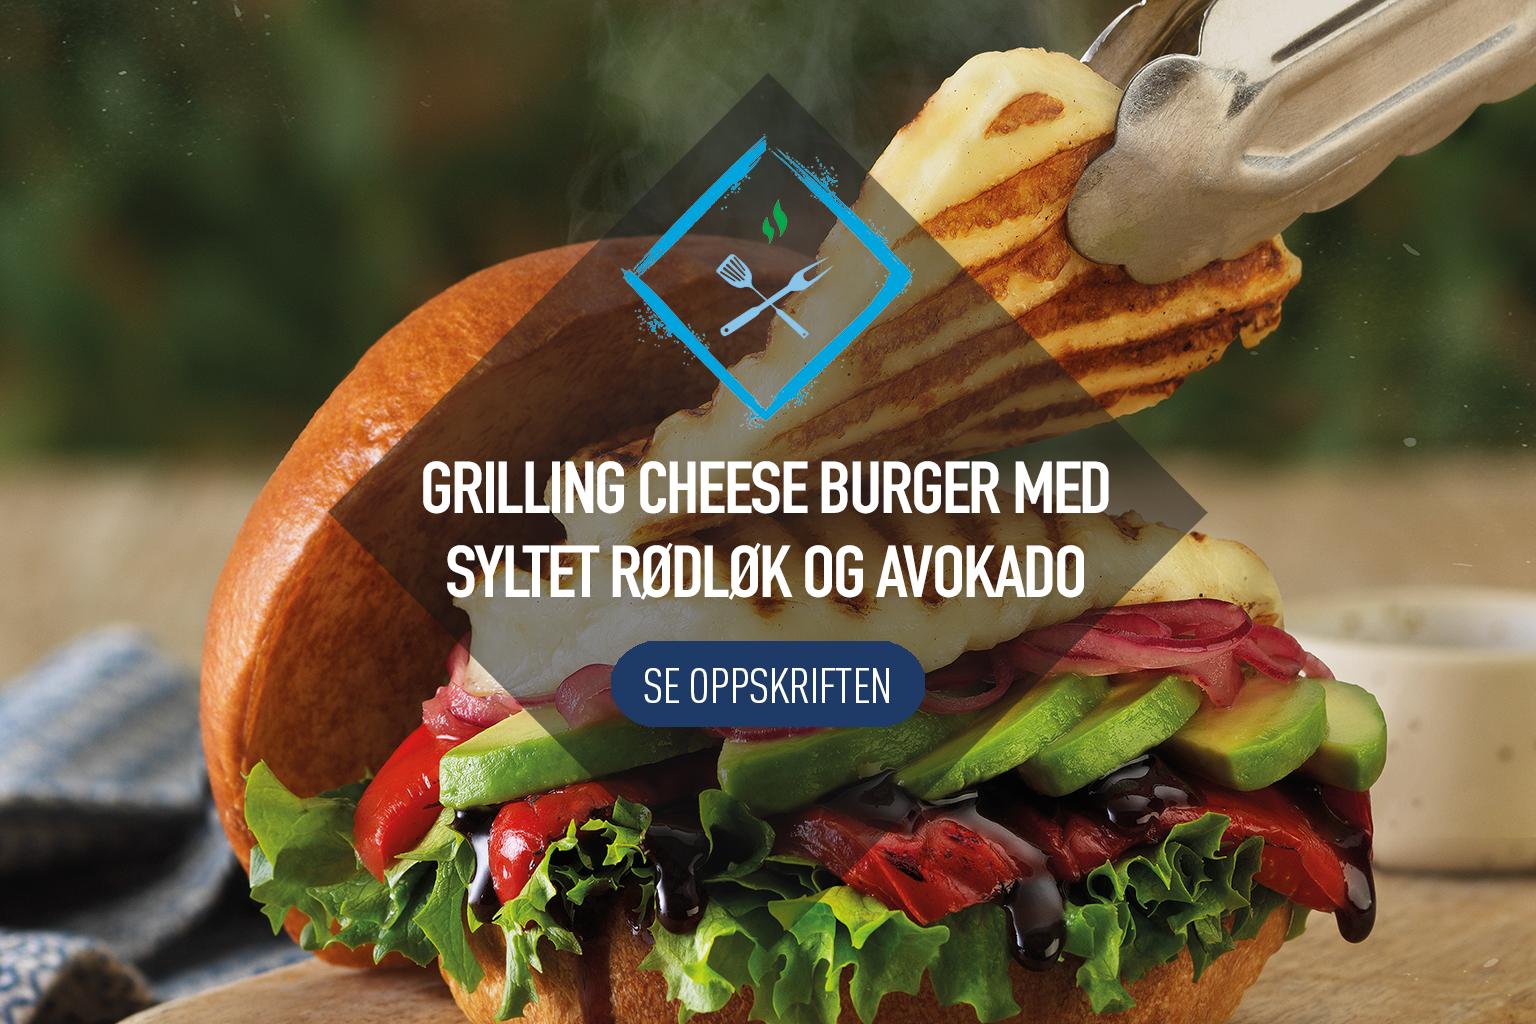 Grilling Cheese Burger med lynsyltet rødløk og avokado